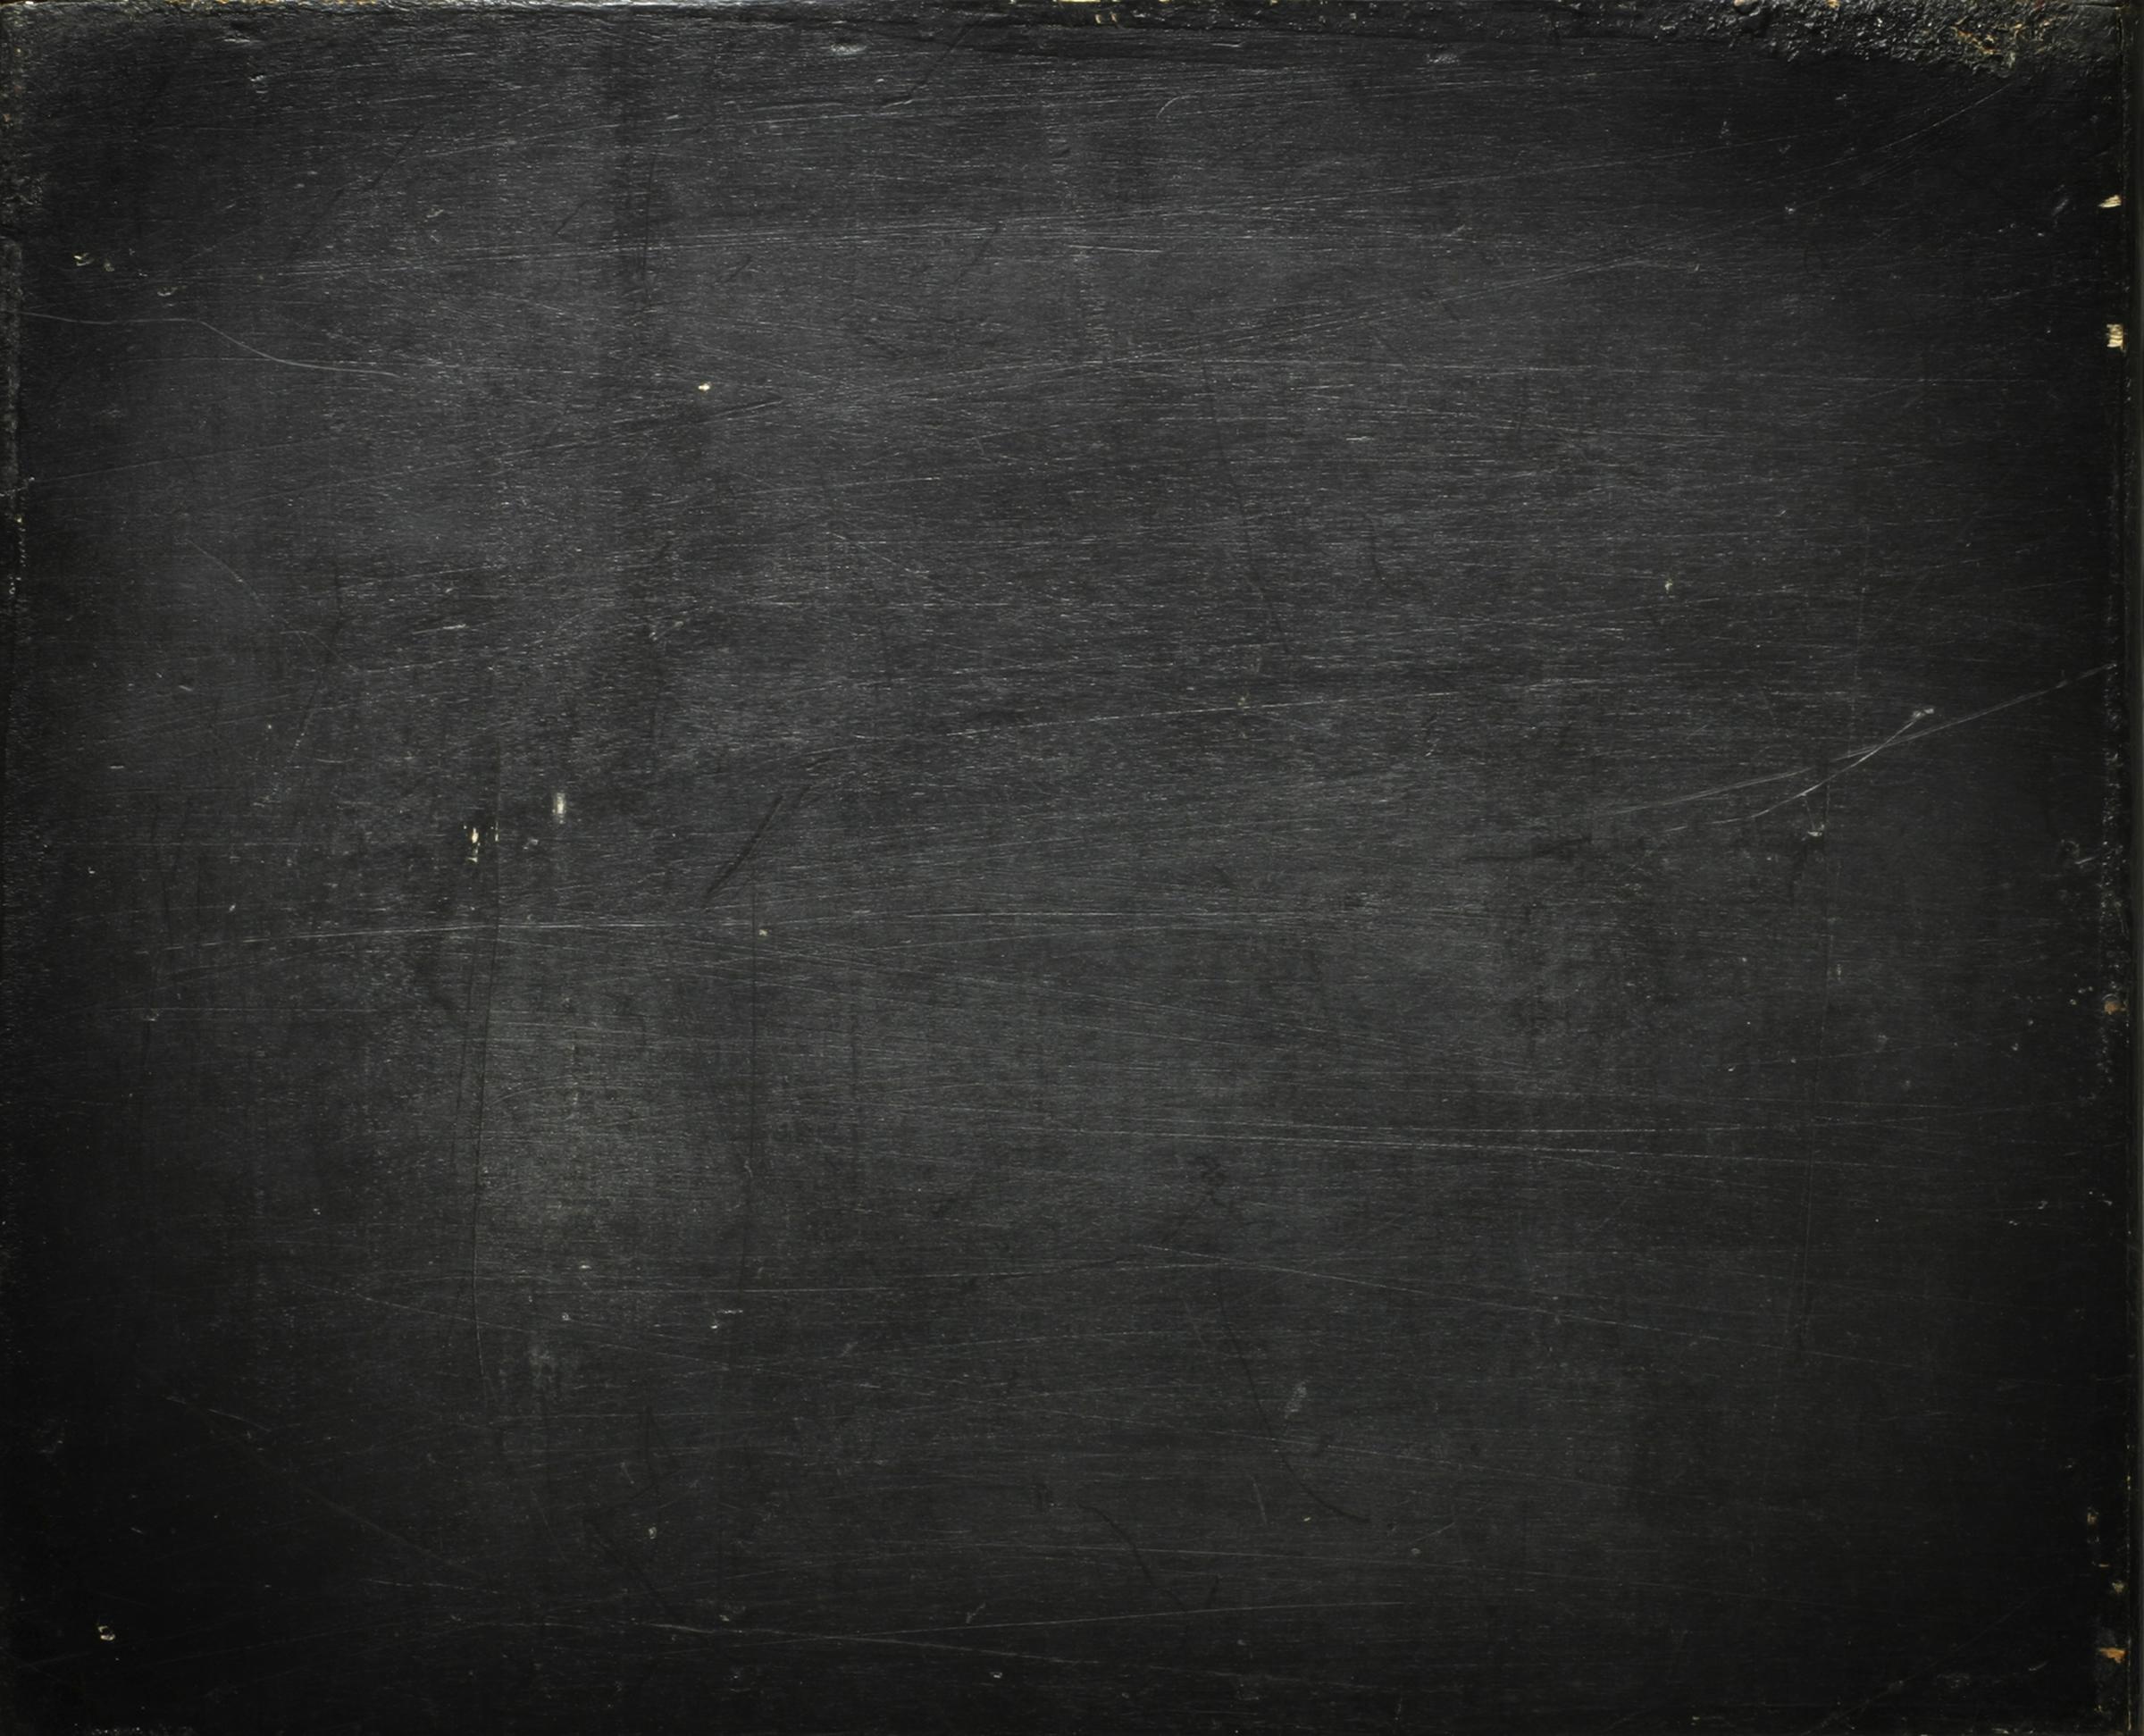 chalkboard wallpaper8 - photo #43